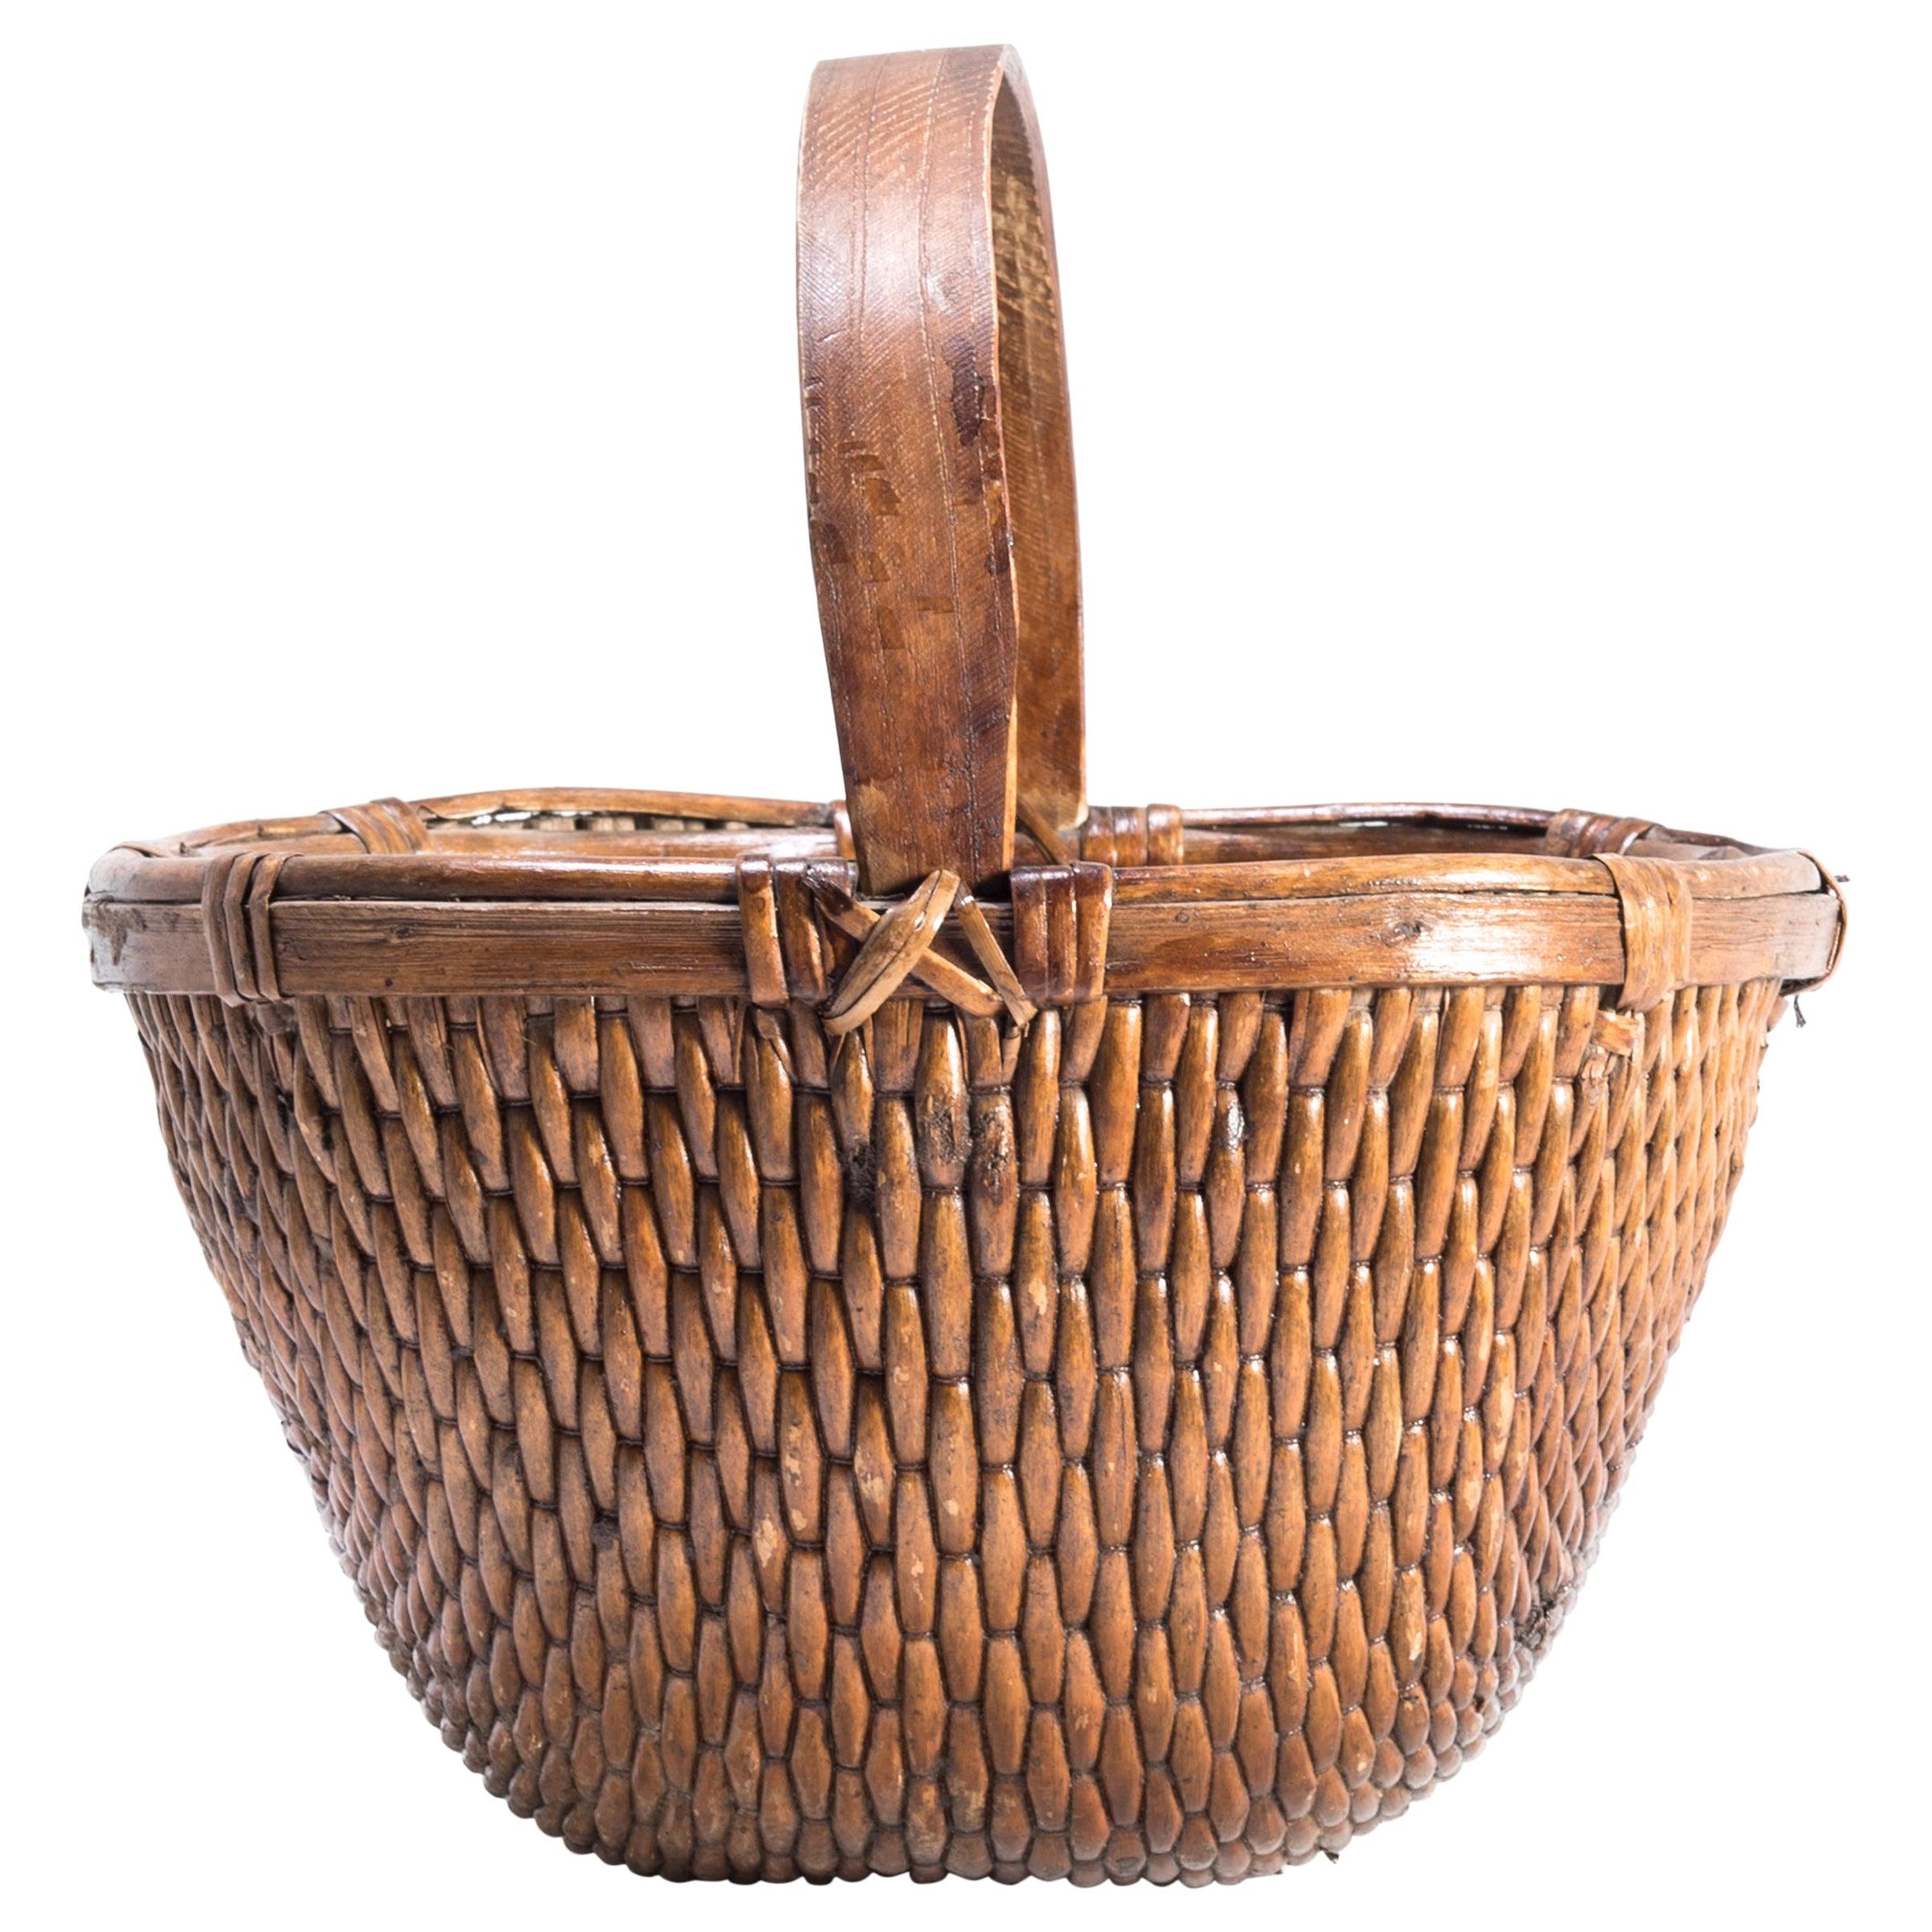 Chinese Willow Market Basket, circa 1900